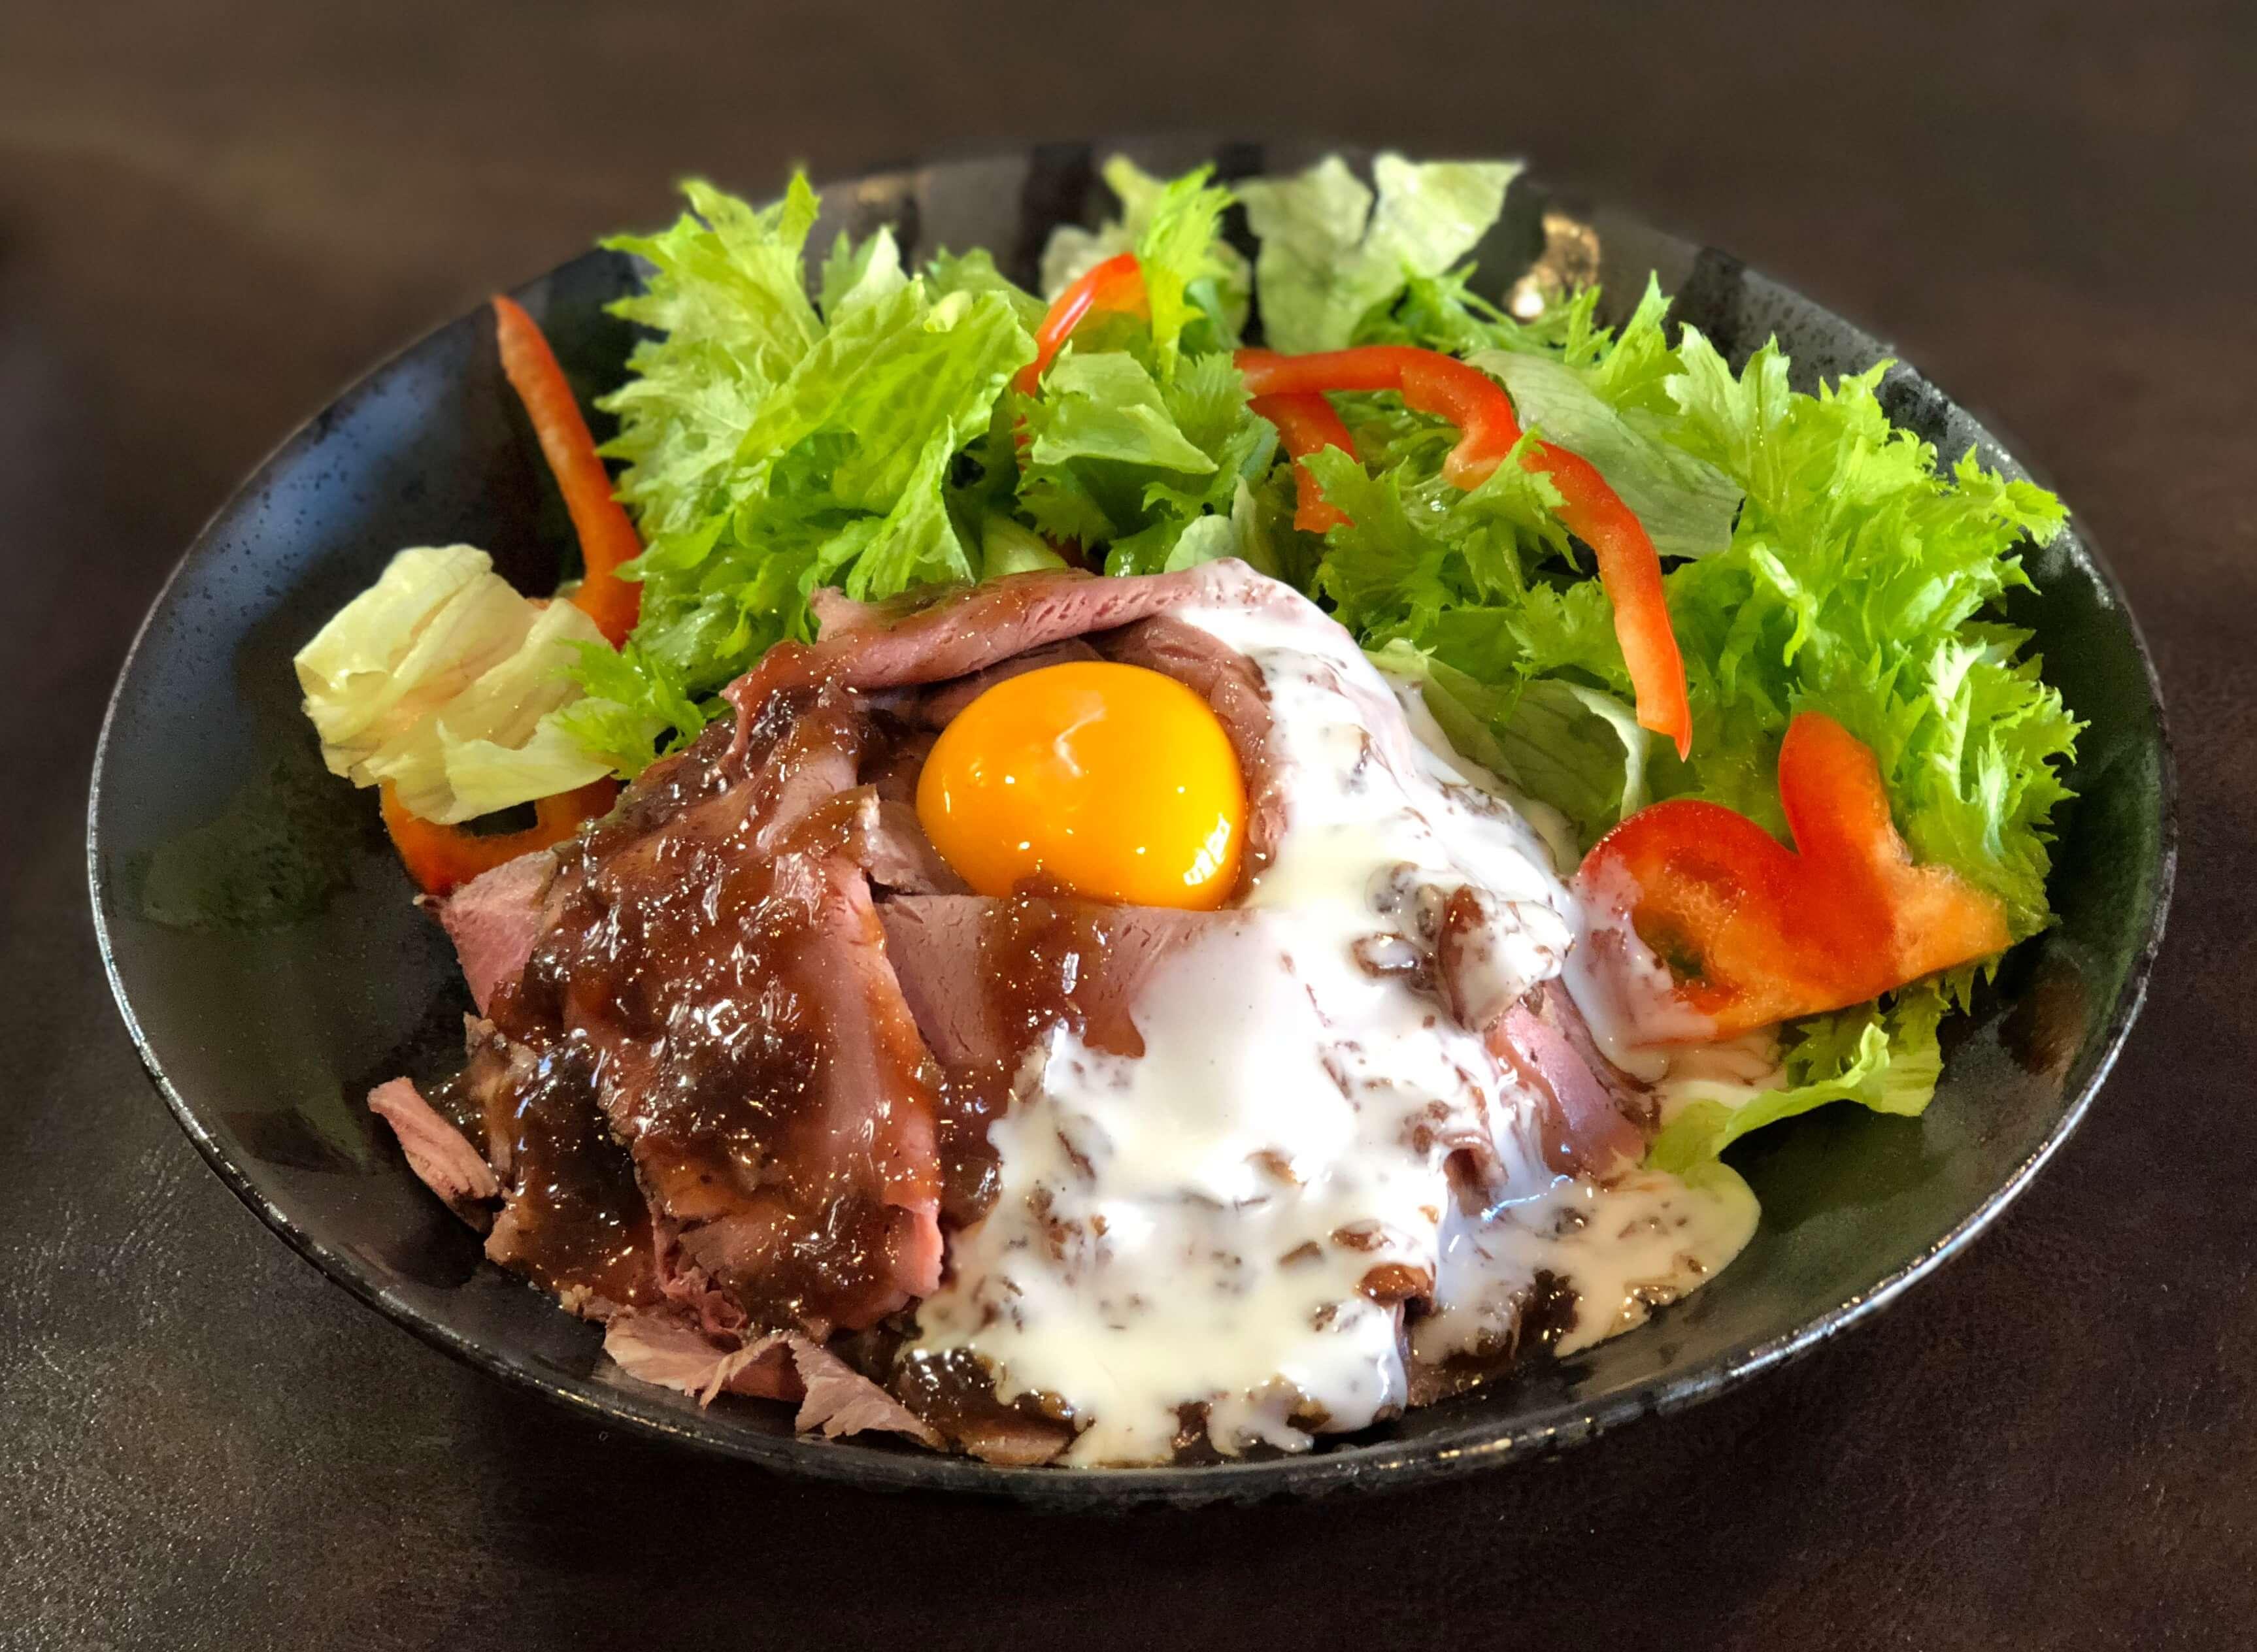 「肉乃もりした」の名物『特製ローストビーフ丼』美味しさとお手軽感の秘密は店主の経歴にあり